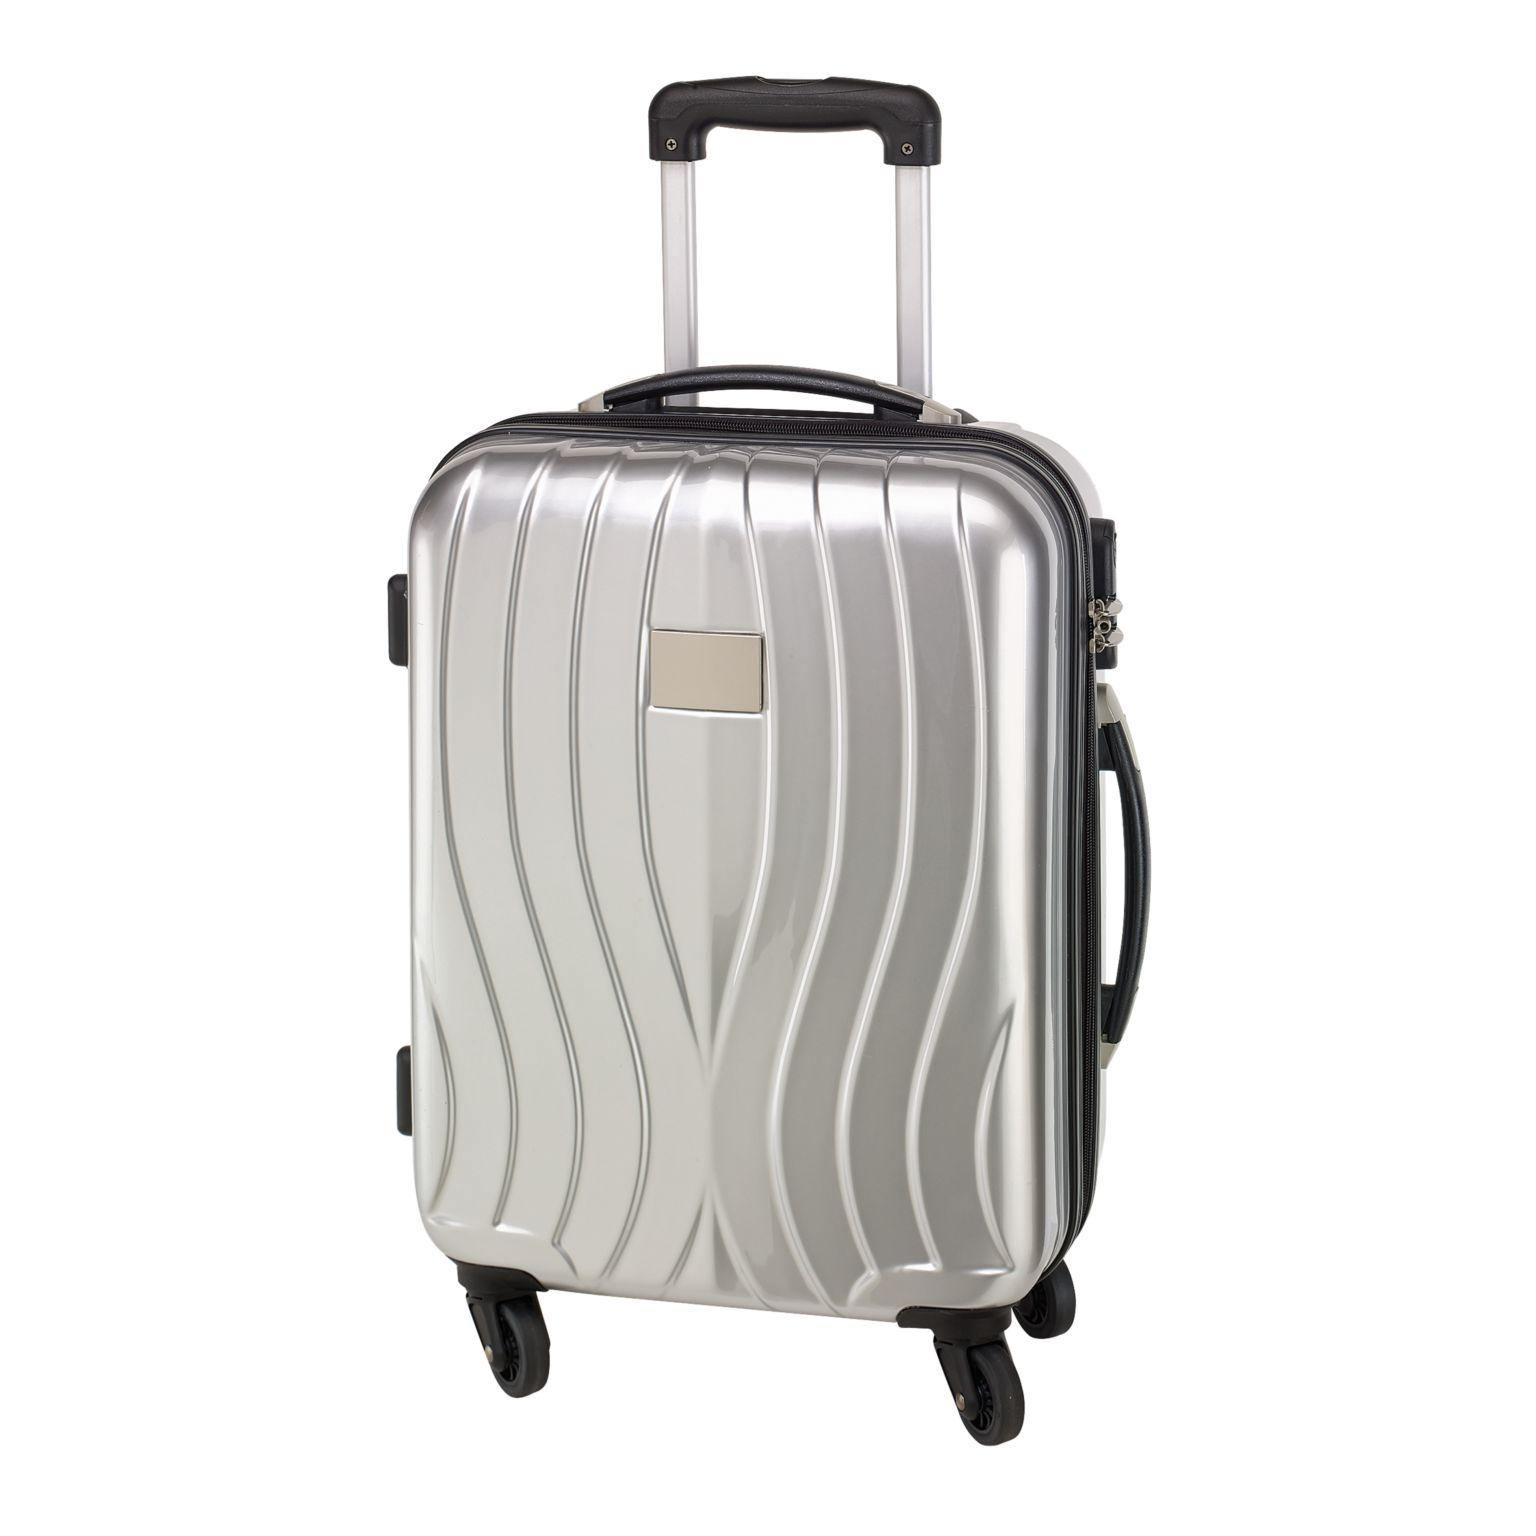 Trolley cabin suitcase ST. TROPEZ